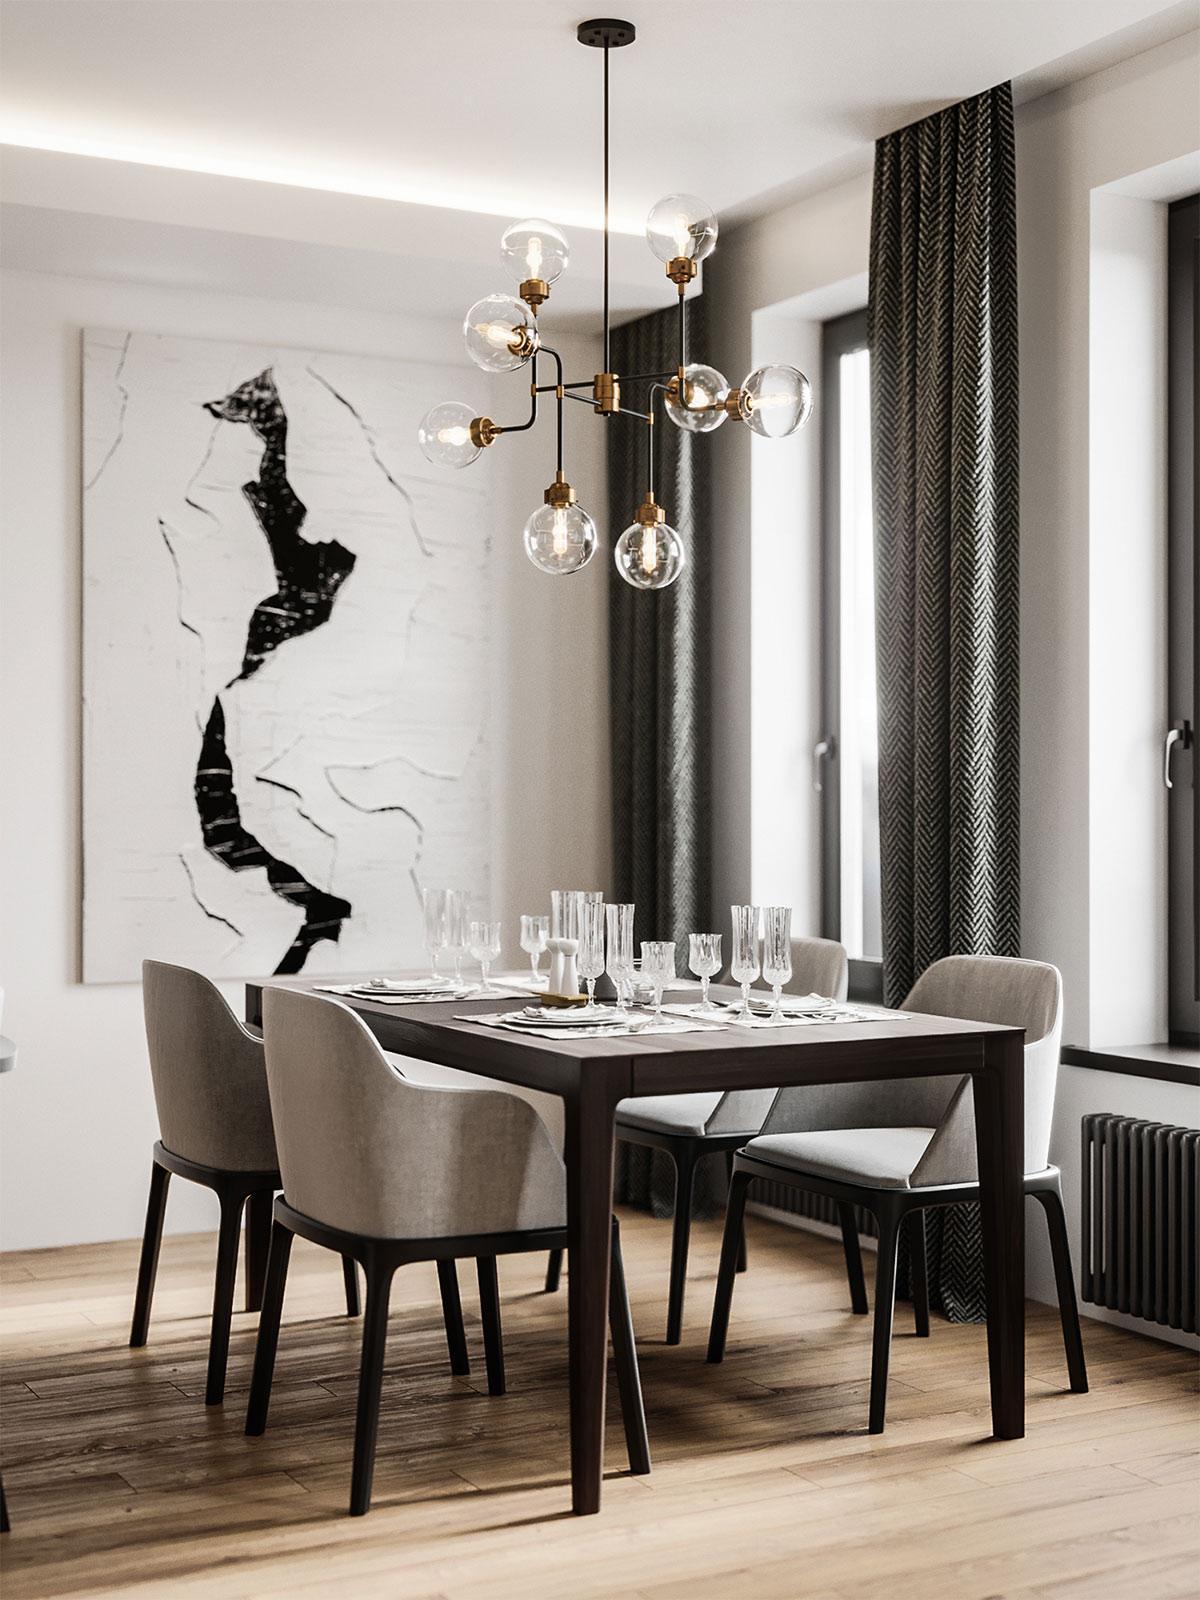 phòng ăn căn hộ mang phong cách minimalism